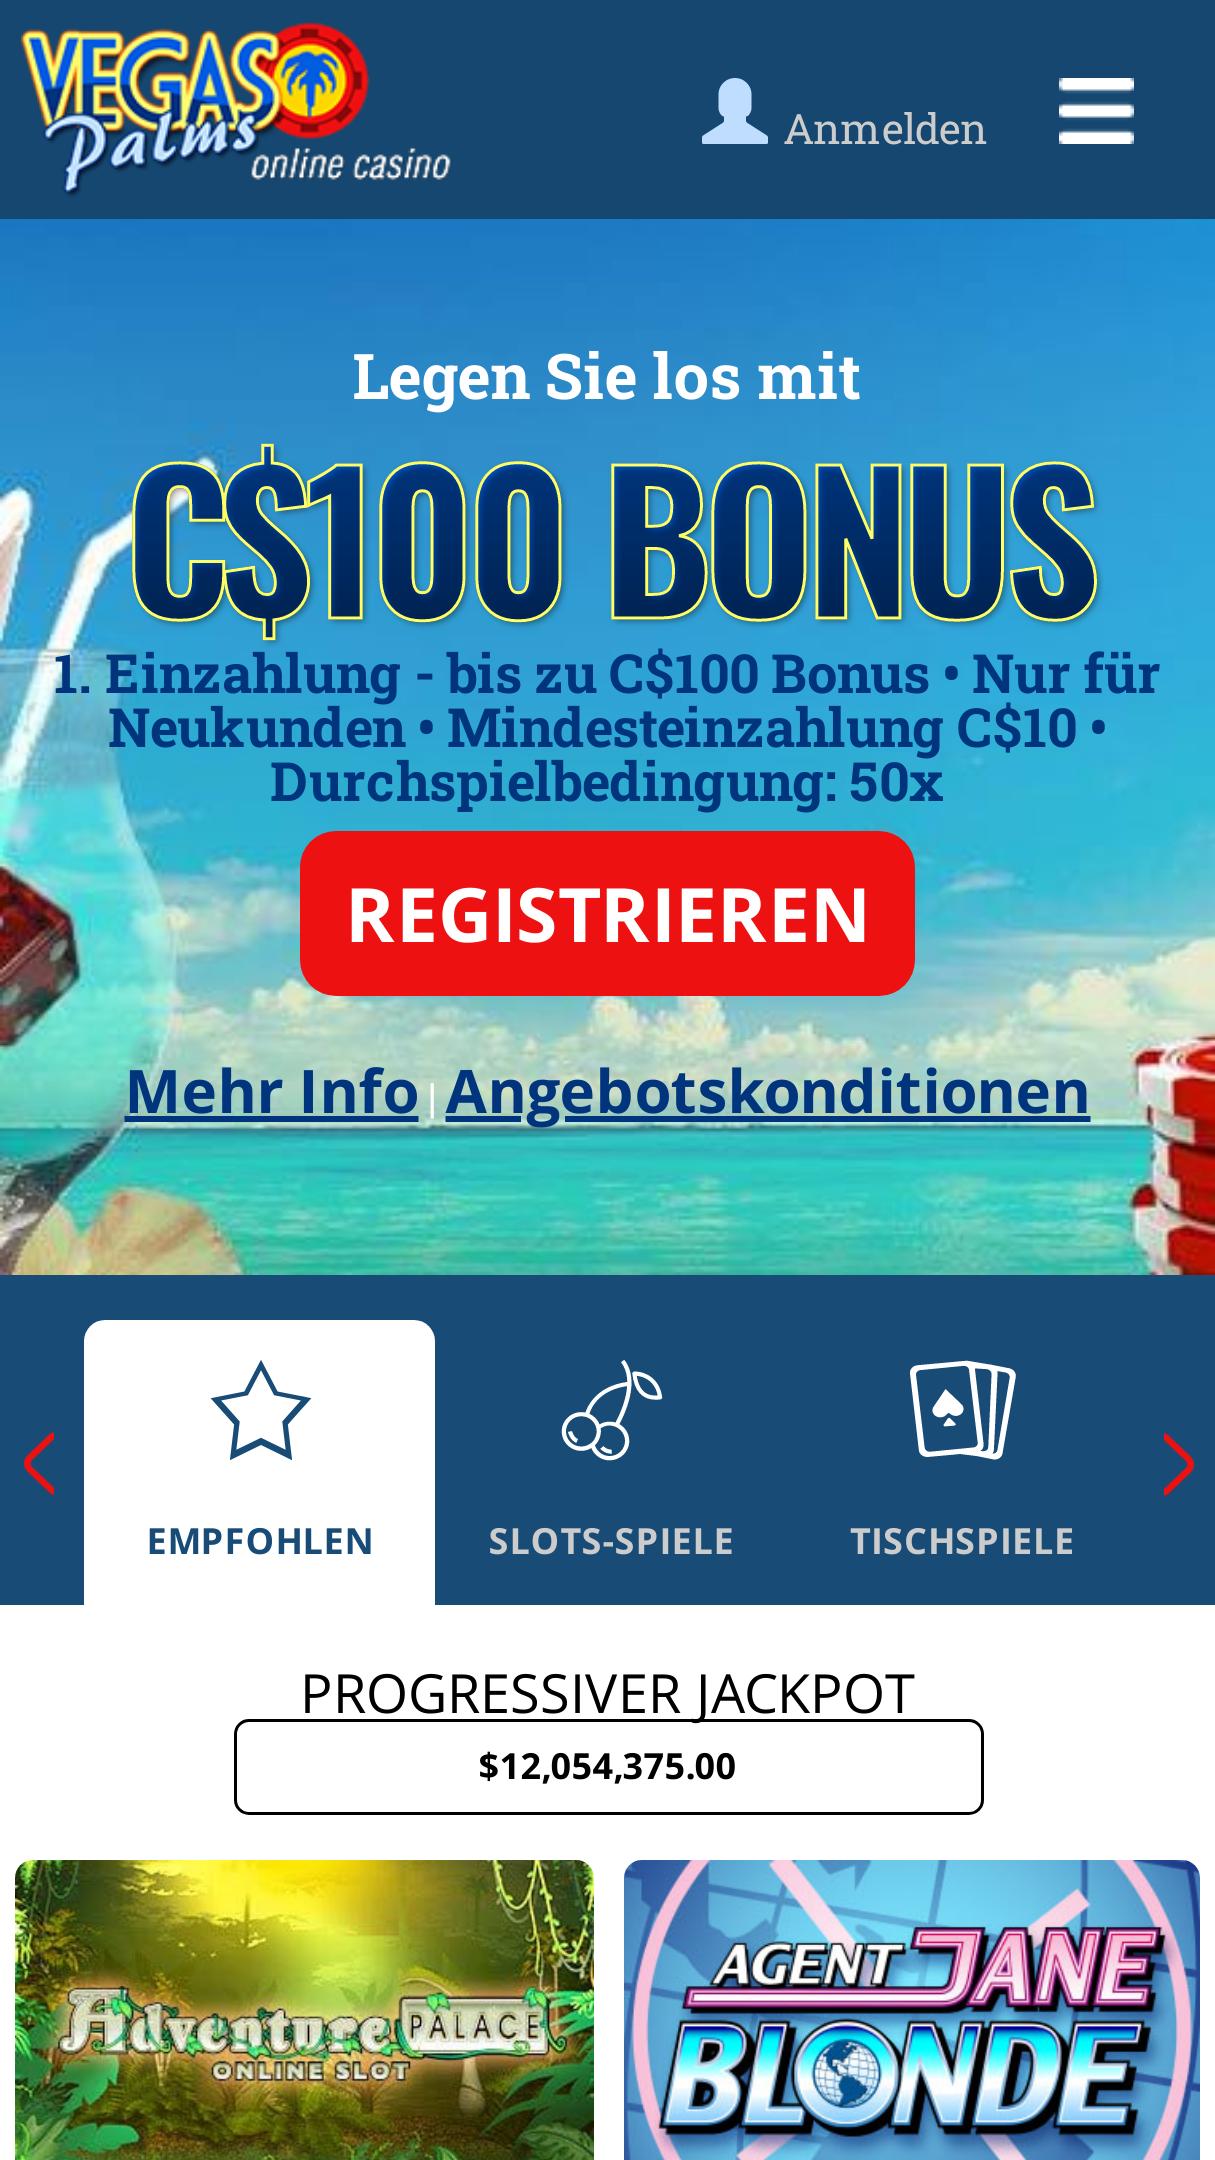 Vegas Palms Casino App